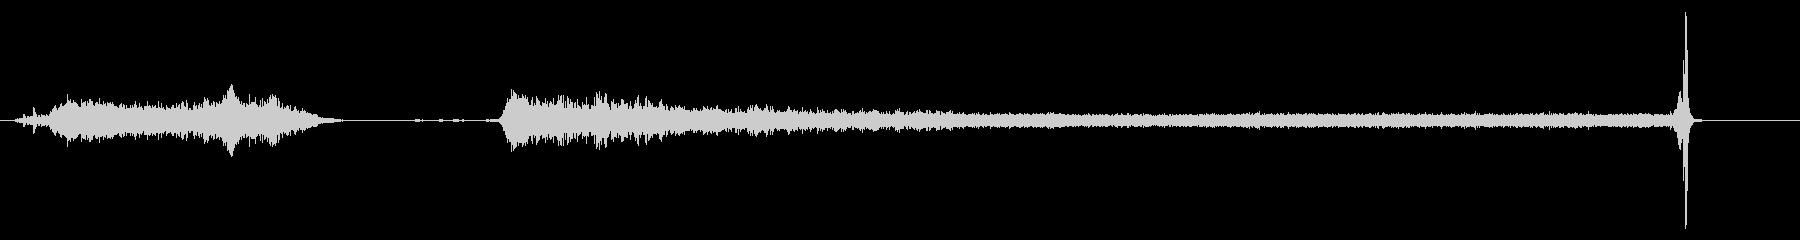 ミディアムラバーバルーンの爆発とタ...の未再生の波形